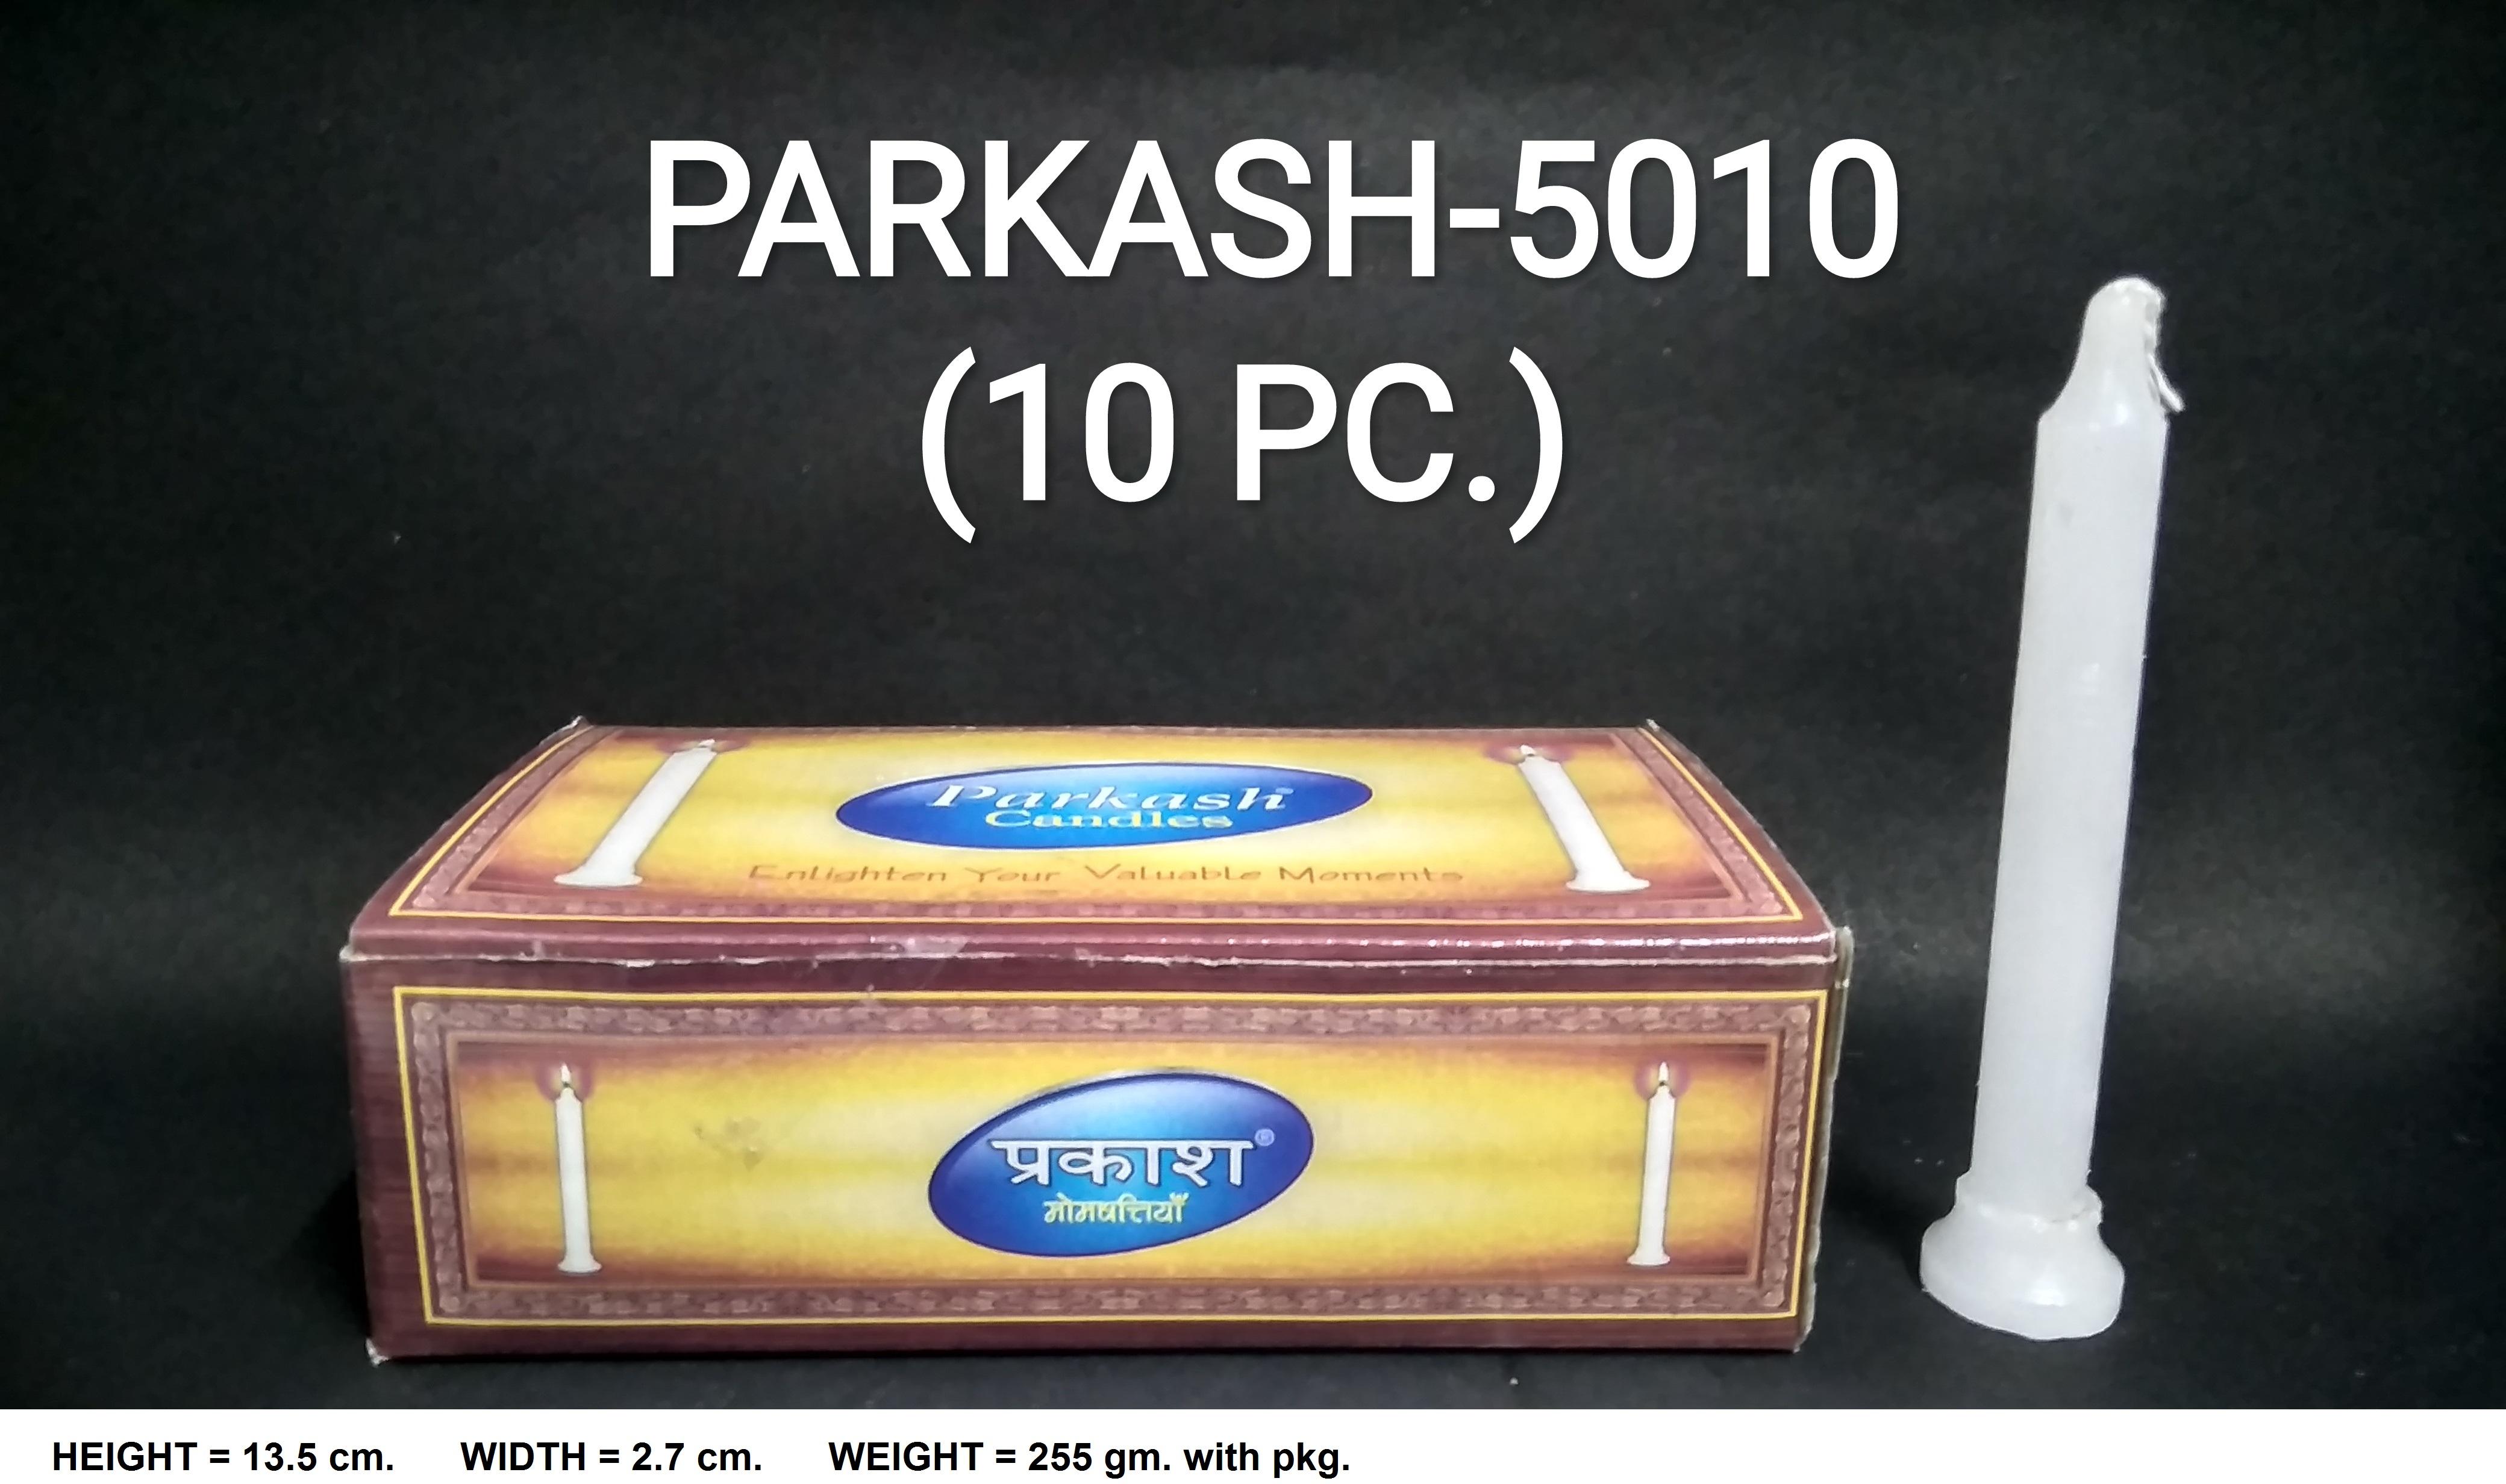 PARKASH-5010